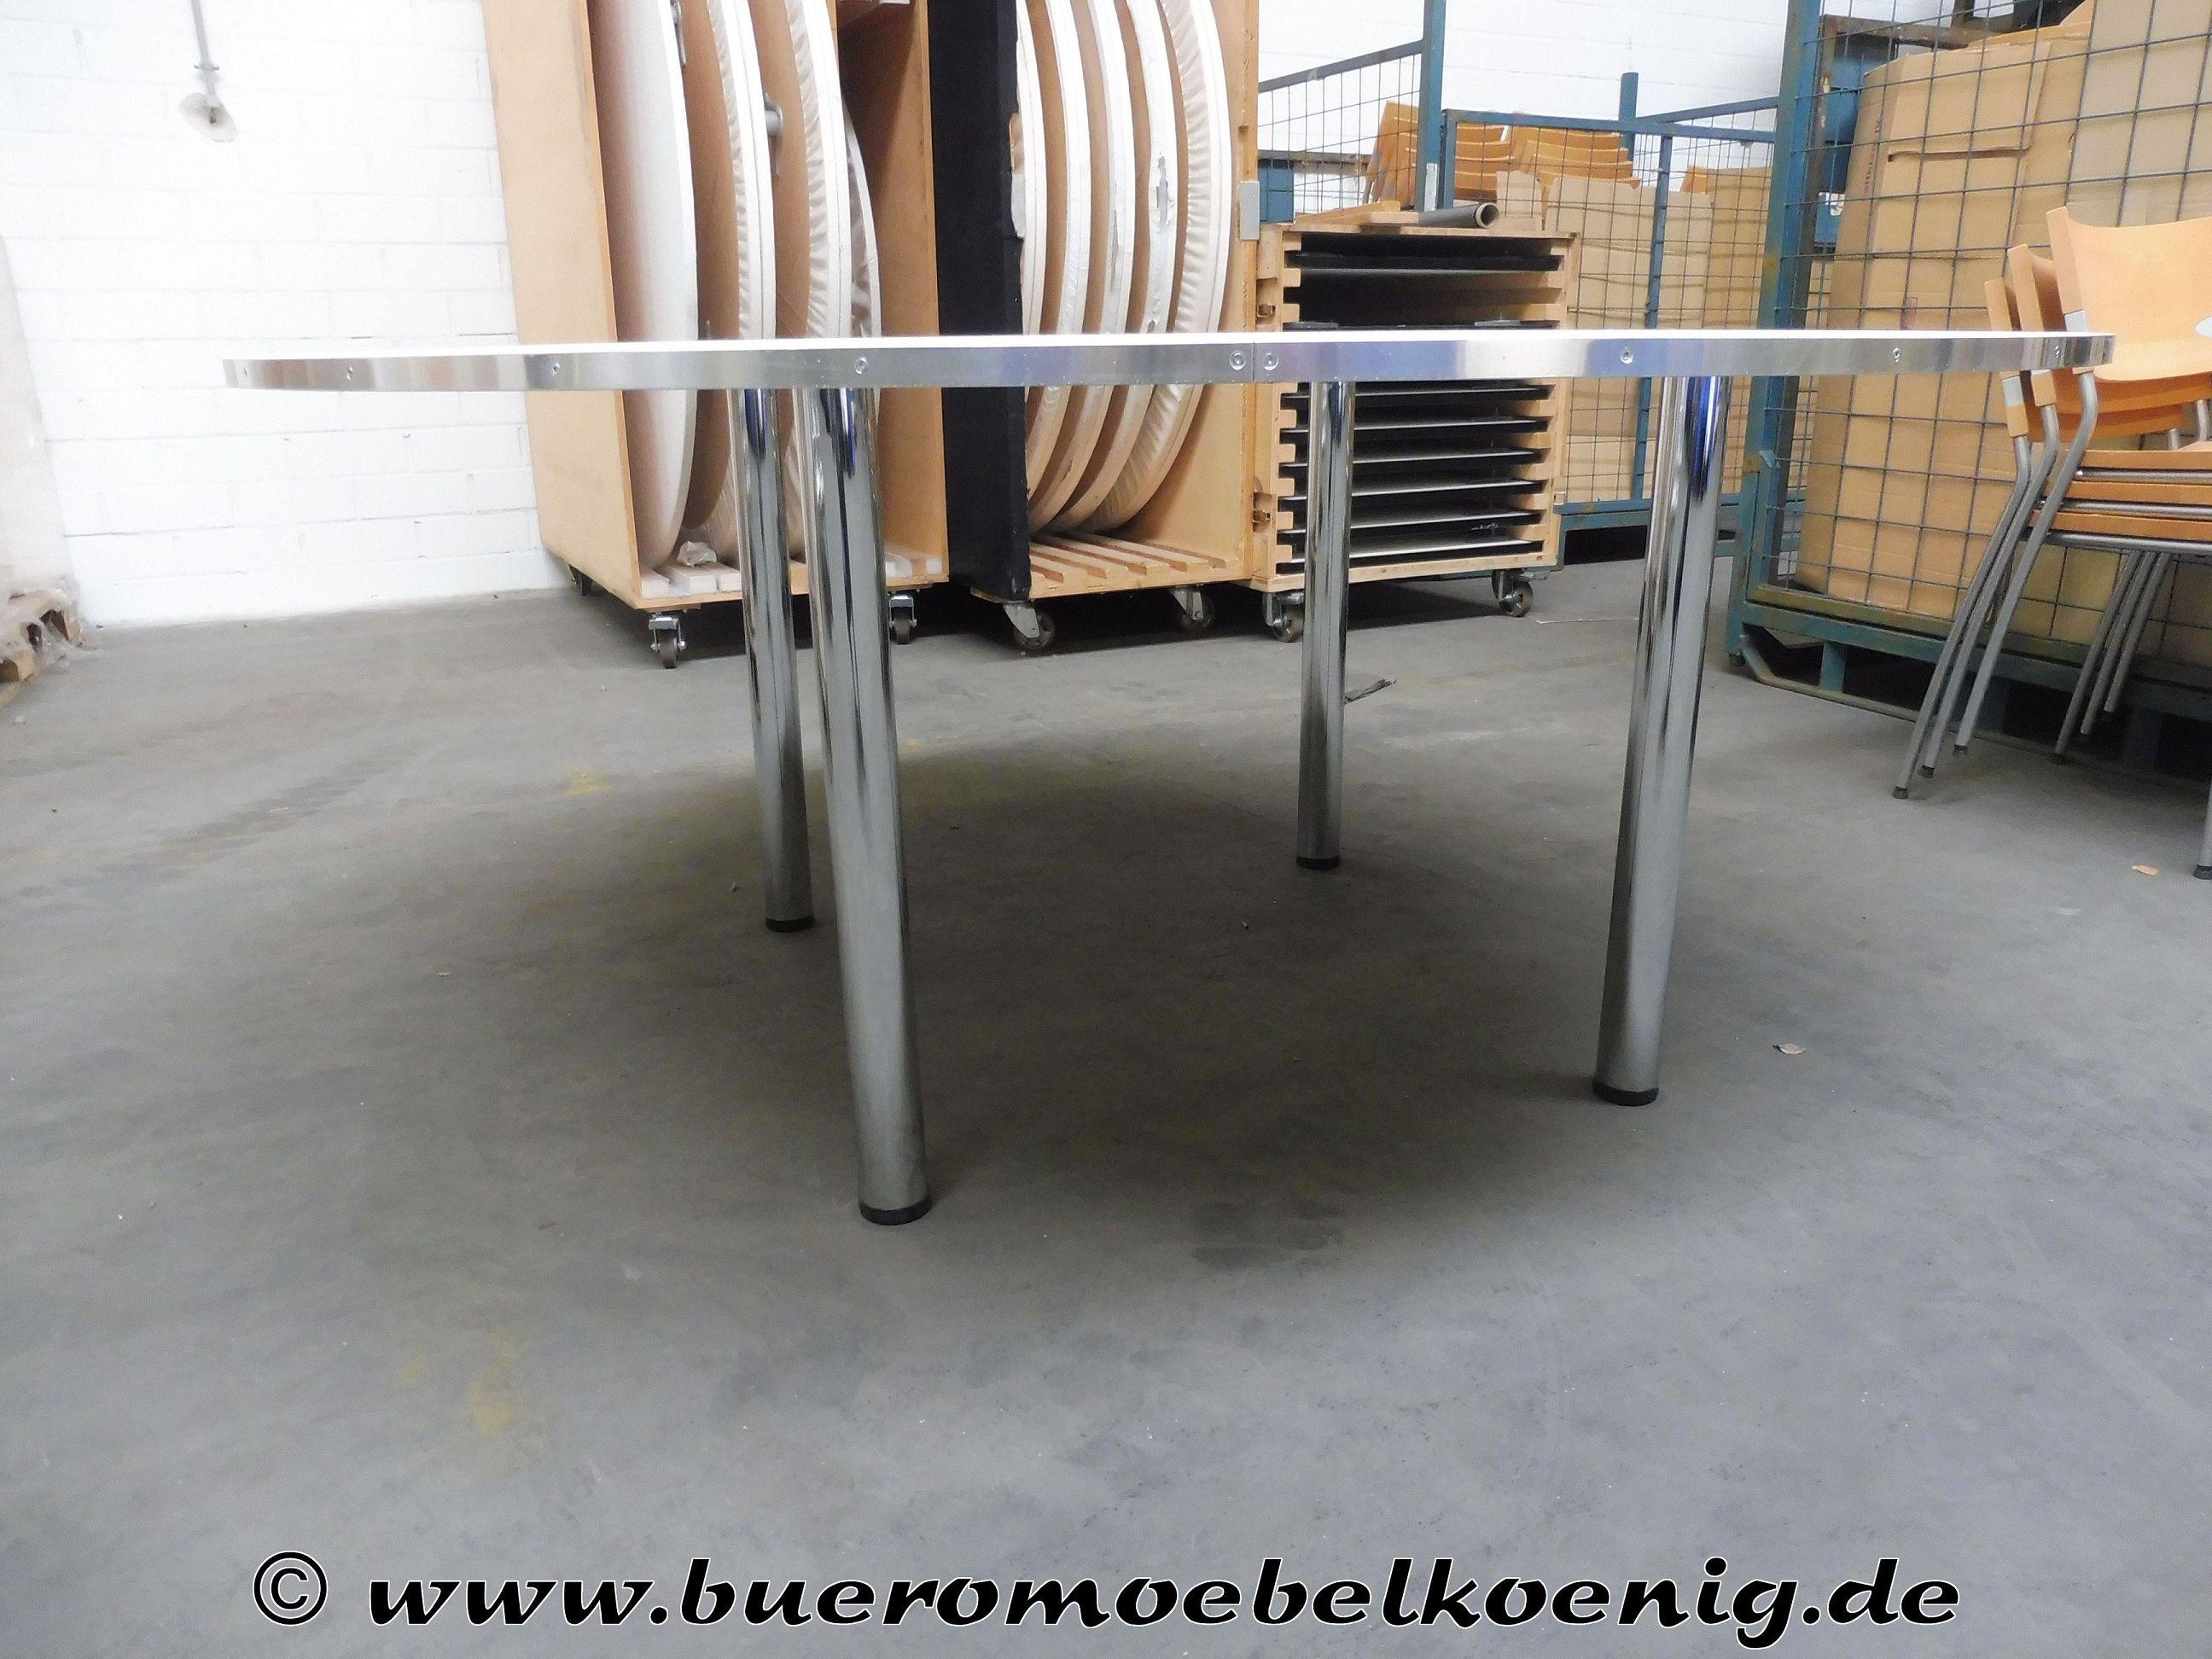 Set: 16 runde Tische 170 cm, 1 runder Tisch 130 cm in Ahorn / Chrom